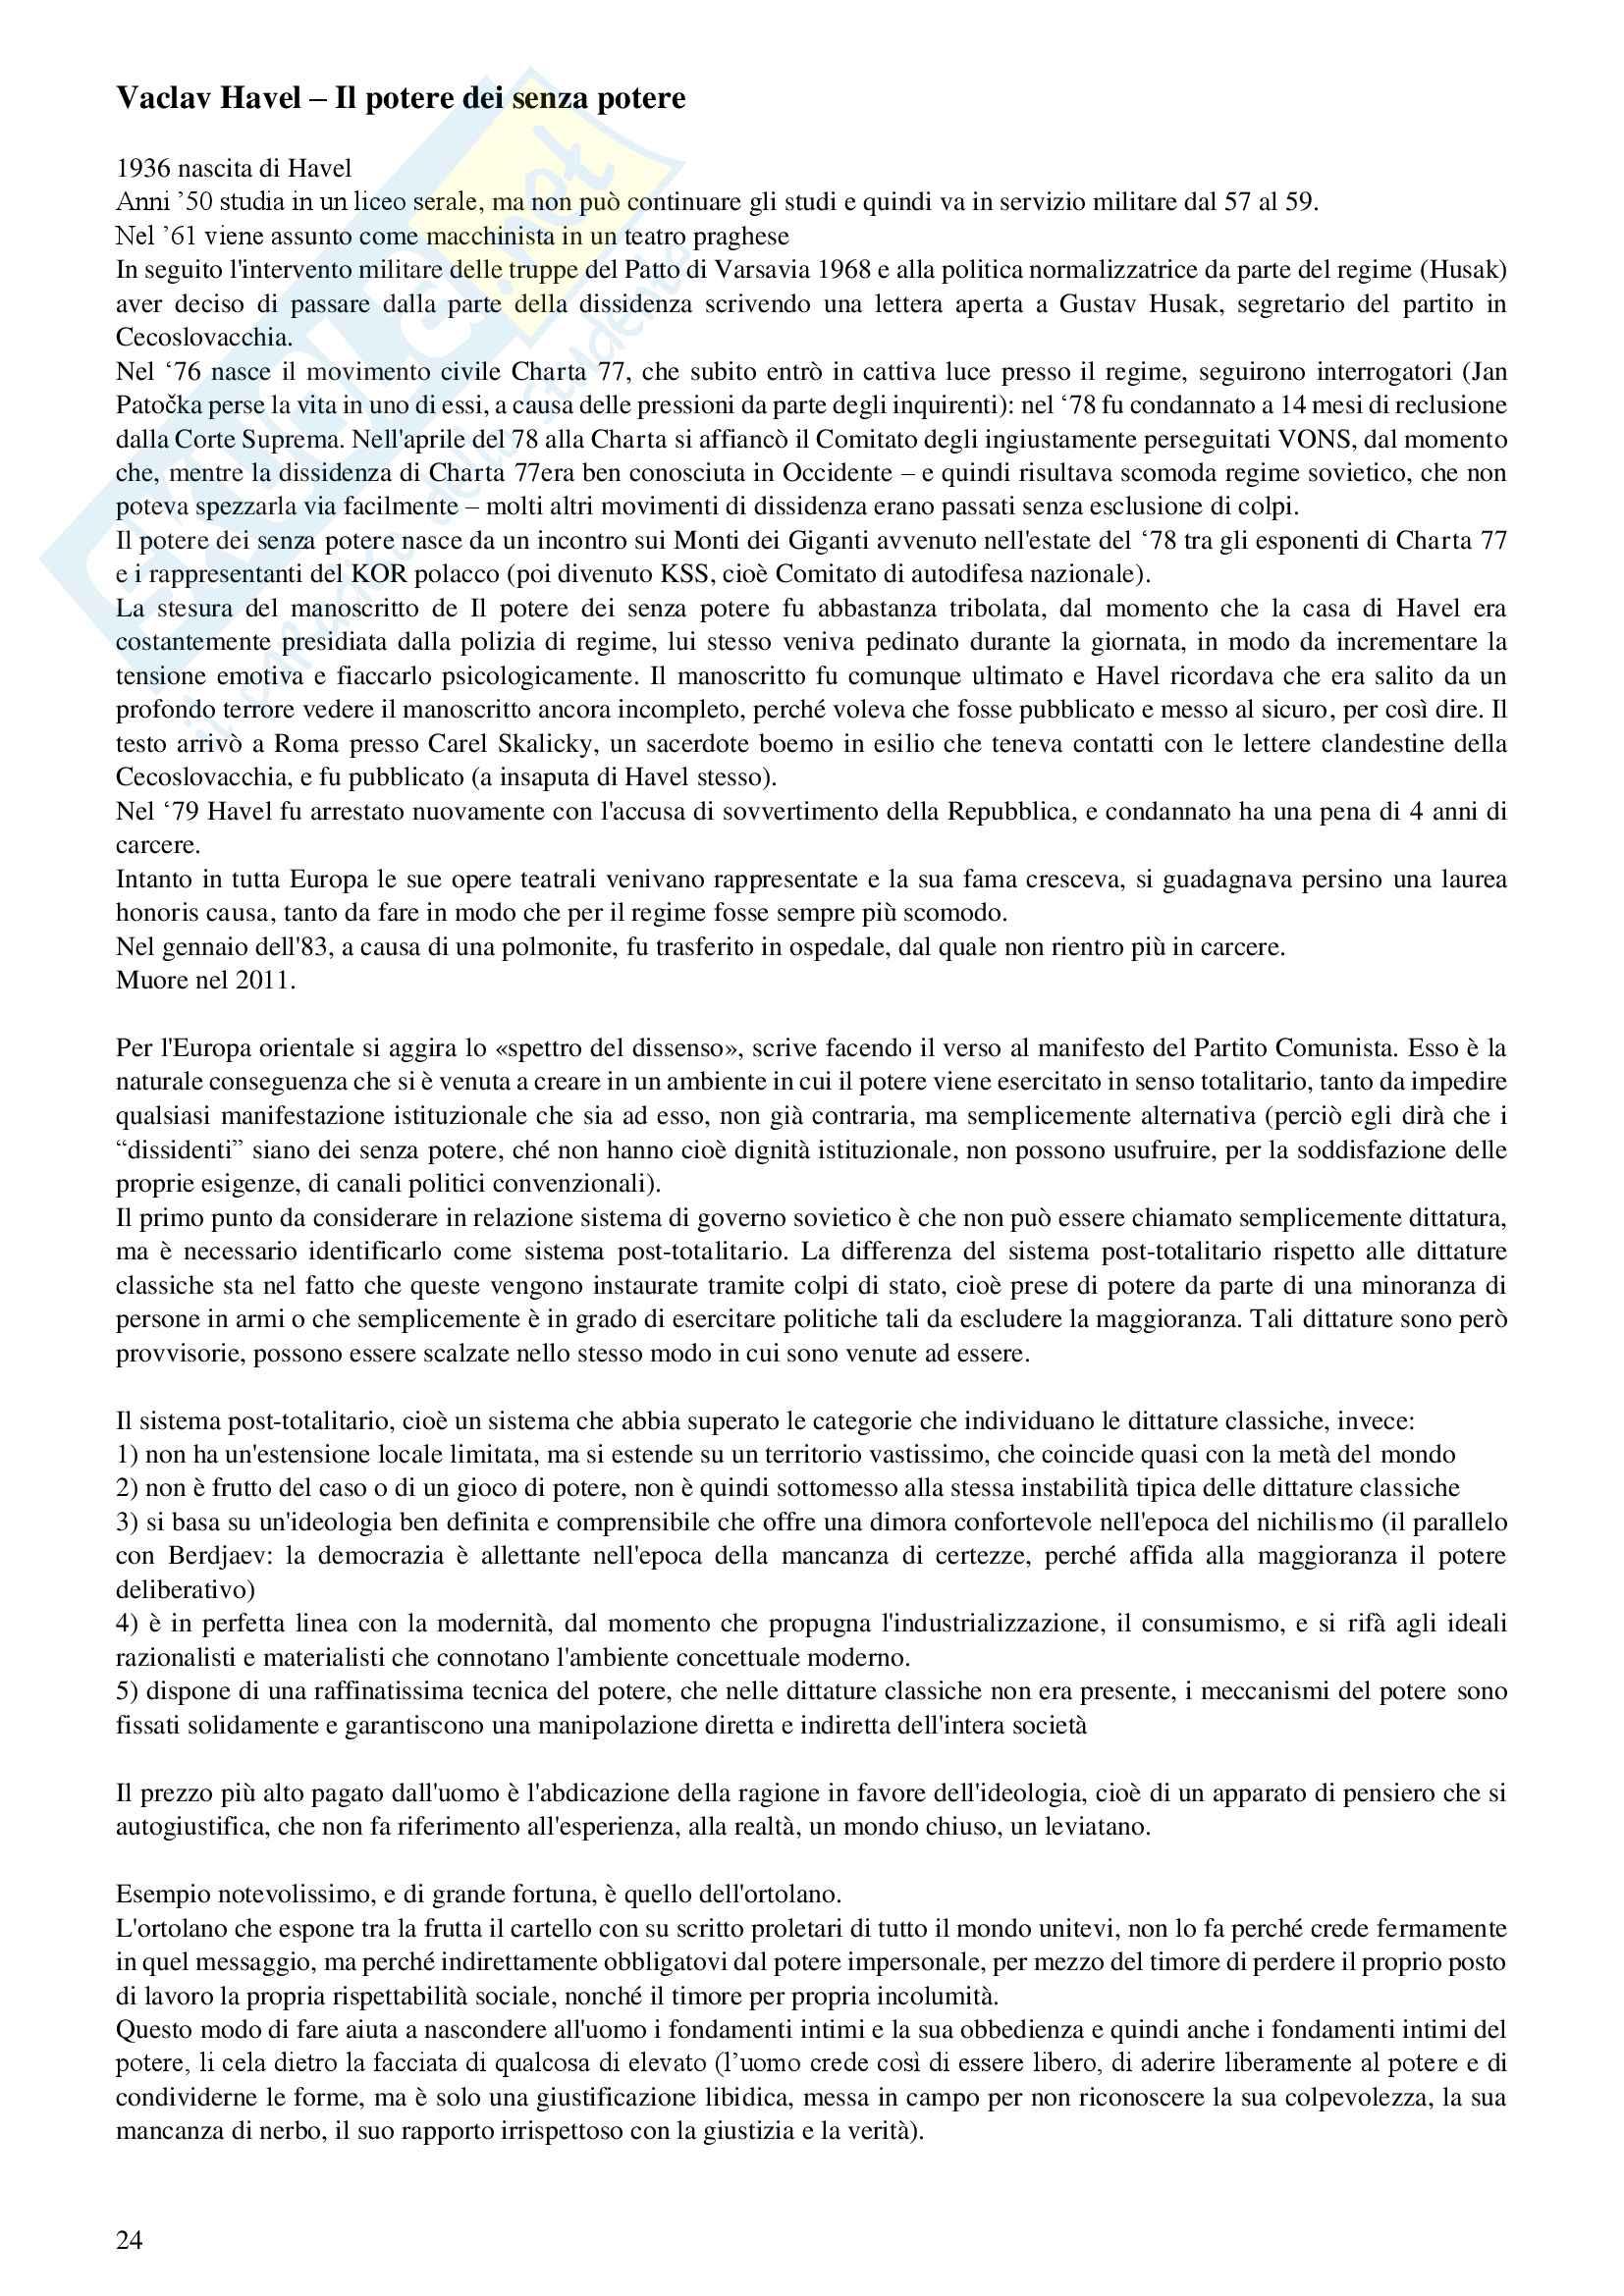 Sunto e appunti di filosofia dell'economia, prof. G. Fidelibus, testi consigliati: di N. Berdjaev - Lettere ai miei nemici e di Vaclav Havel - Il potere dei senza potere Pag. 26